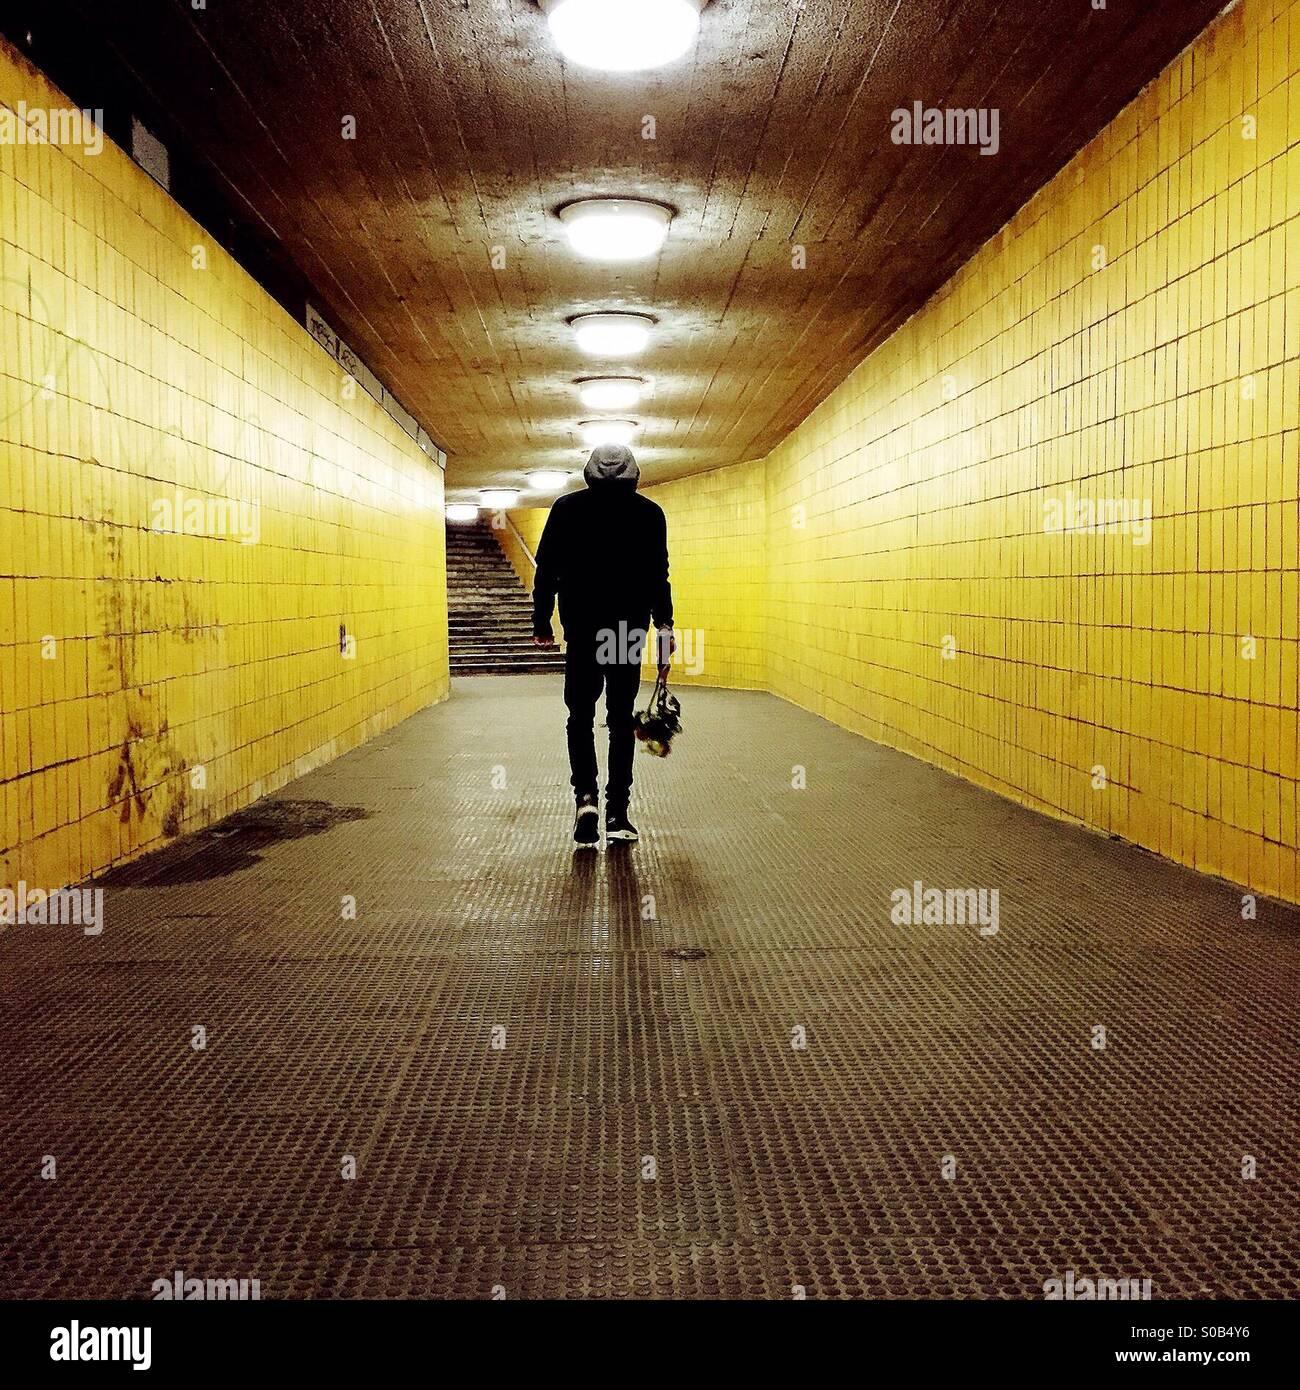 Jeune homme marche sous un tunnel jaune Photo Stock